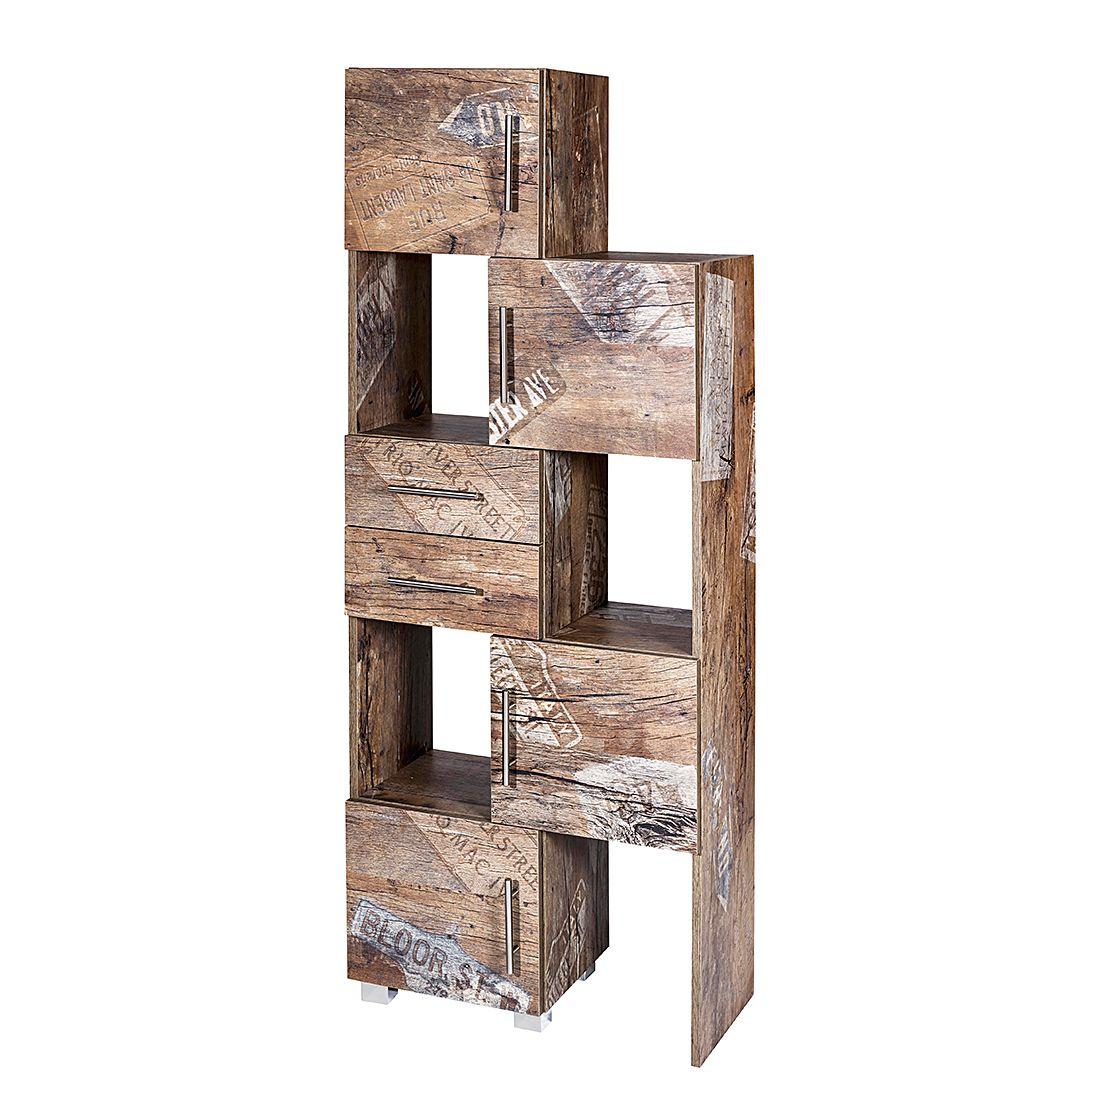 16 sparen regal smilla iii von schildmeyer nur 199 99 cherry m bel home24. Black Bedroom Furniture Sets. Home Design Ideas